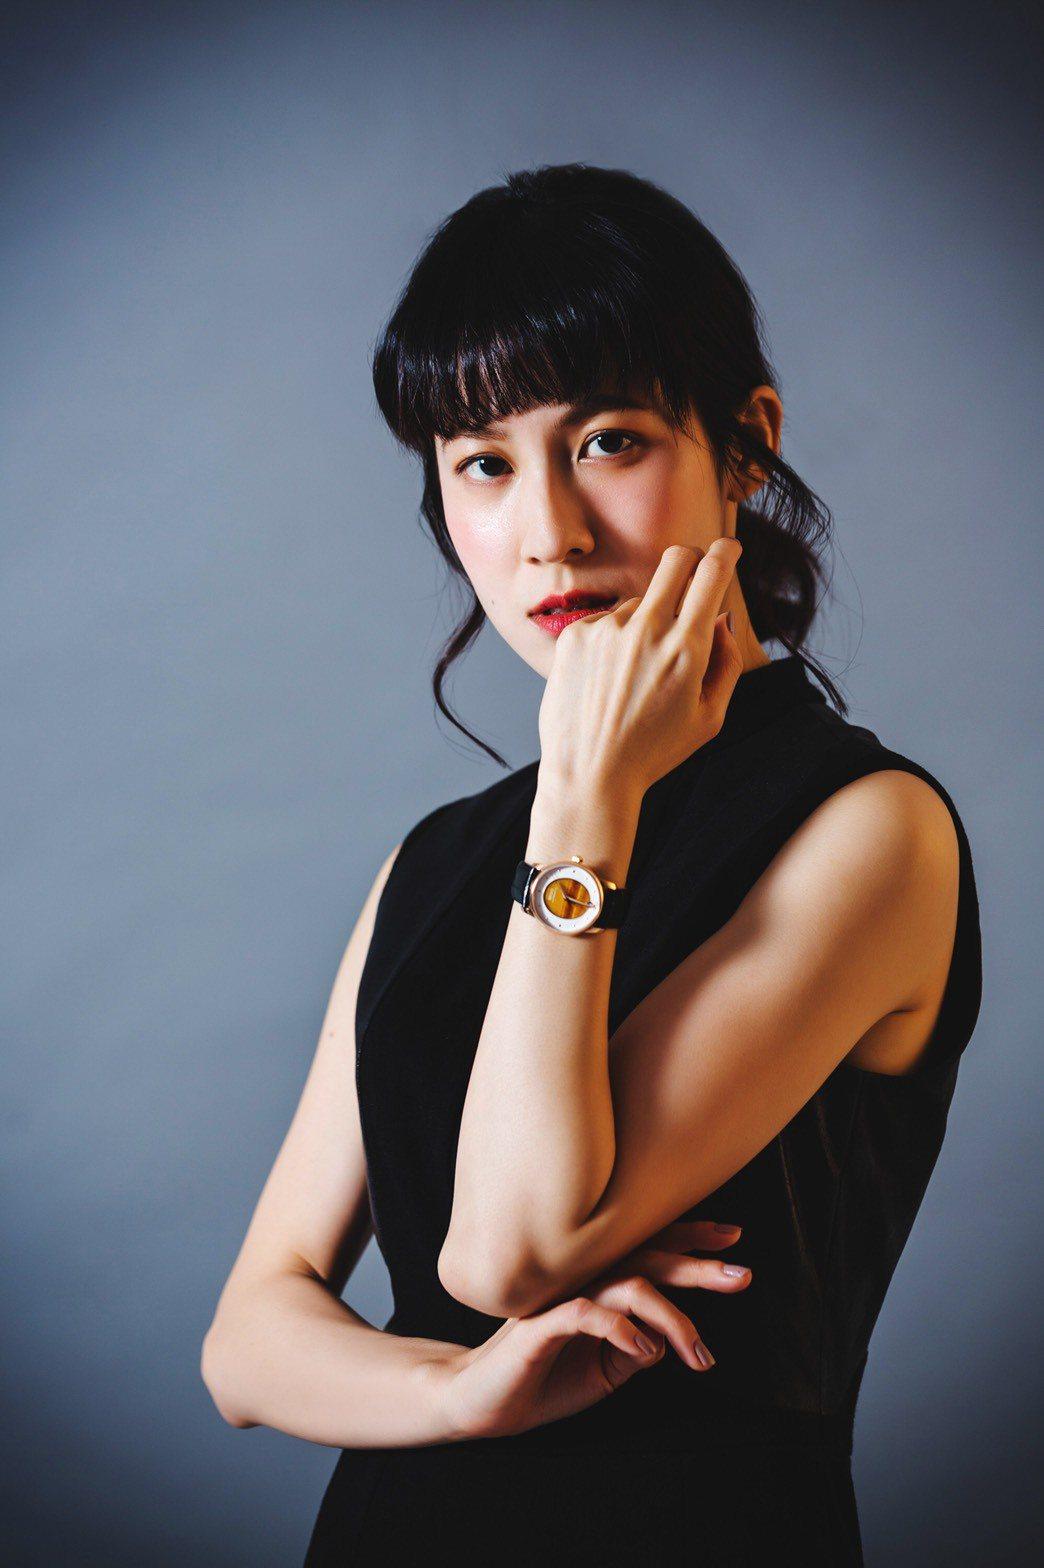 女星連俞涵演繹美度表彩石系列表款,虎眼石表盤搭配18K玫瑰金PVD表殼、皮革表帶...